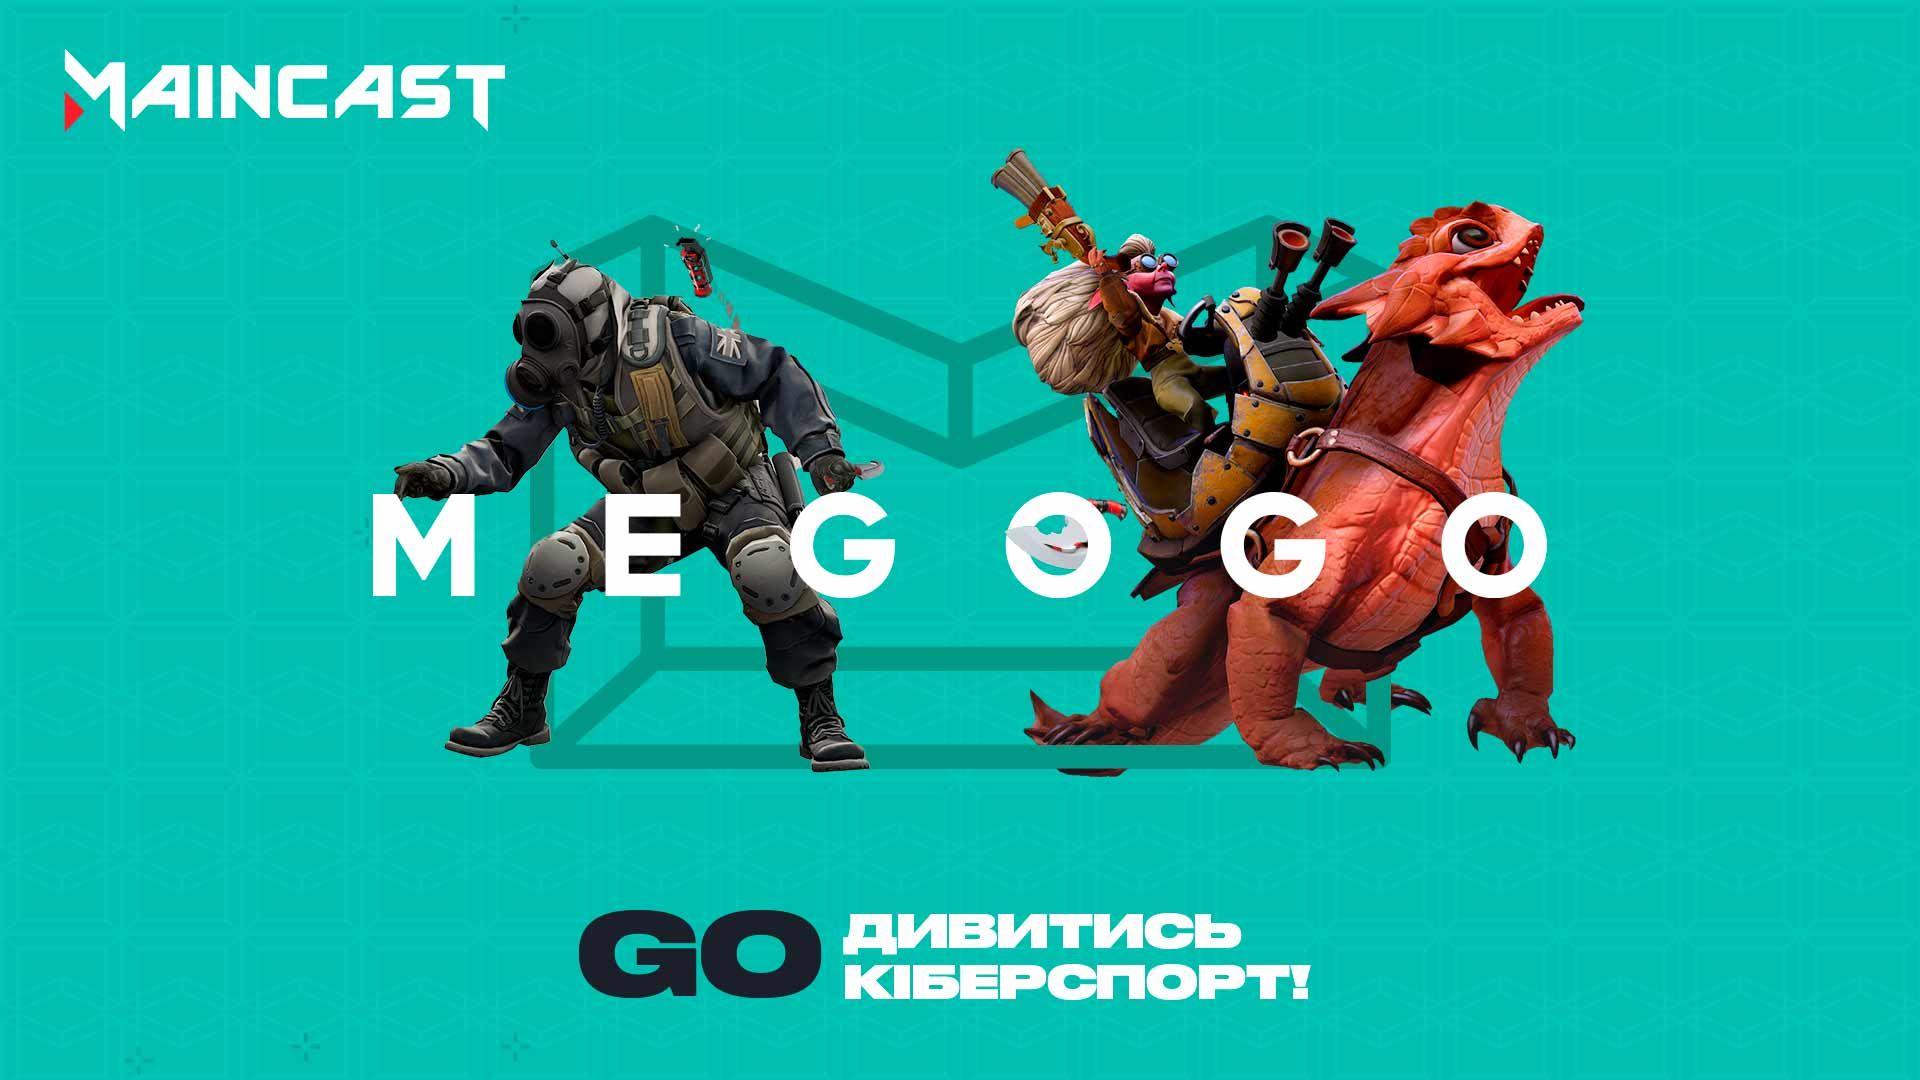 MEGOGO Киберспорт